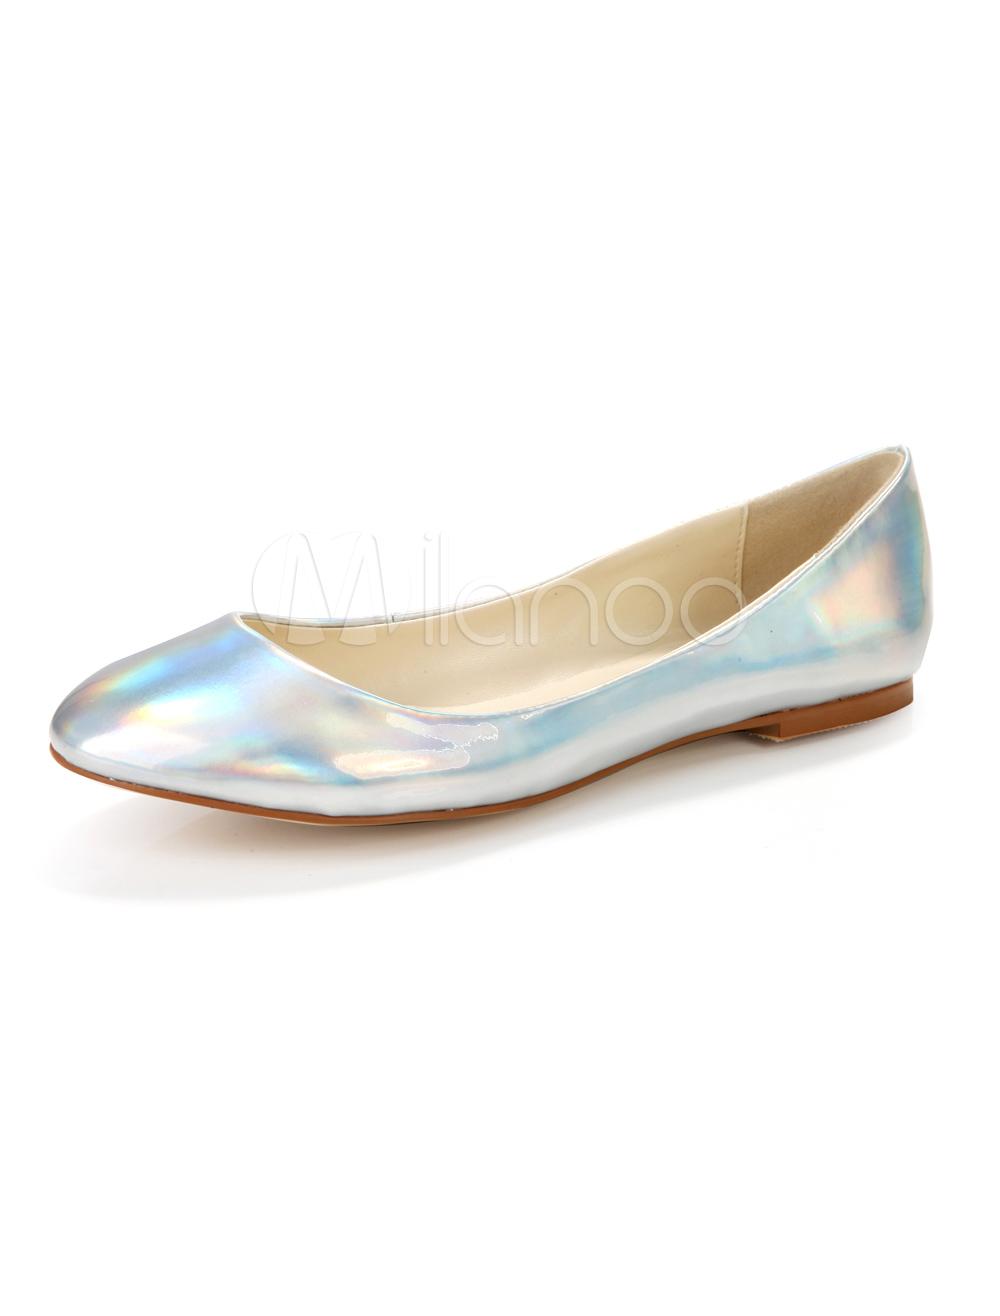 precio especial para apariencia elegante más tarde Zapatos planos de color plateado de moda